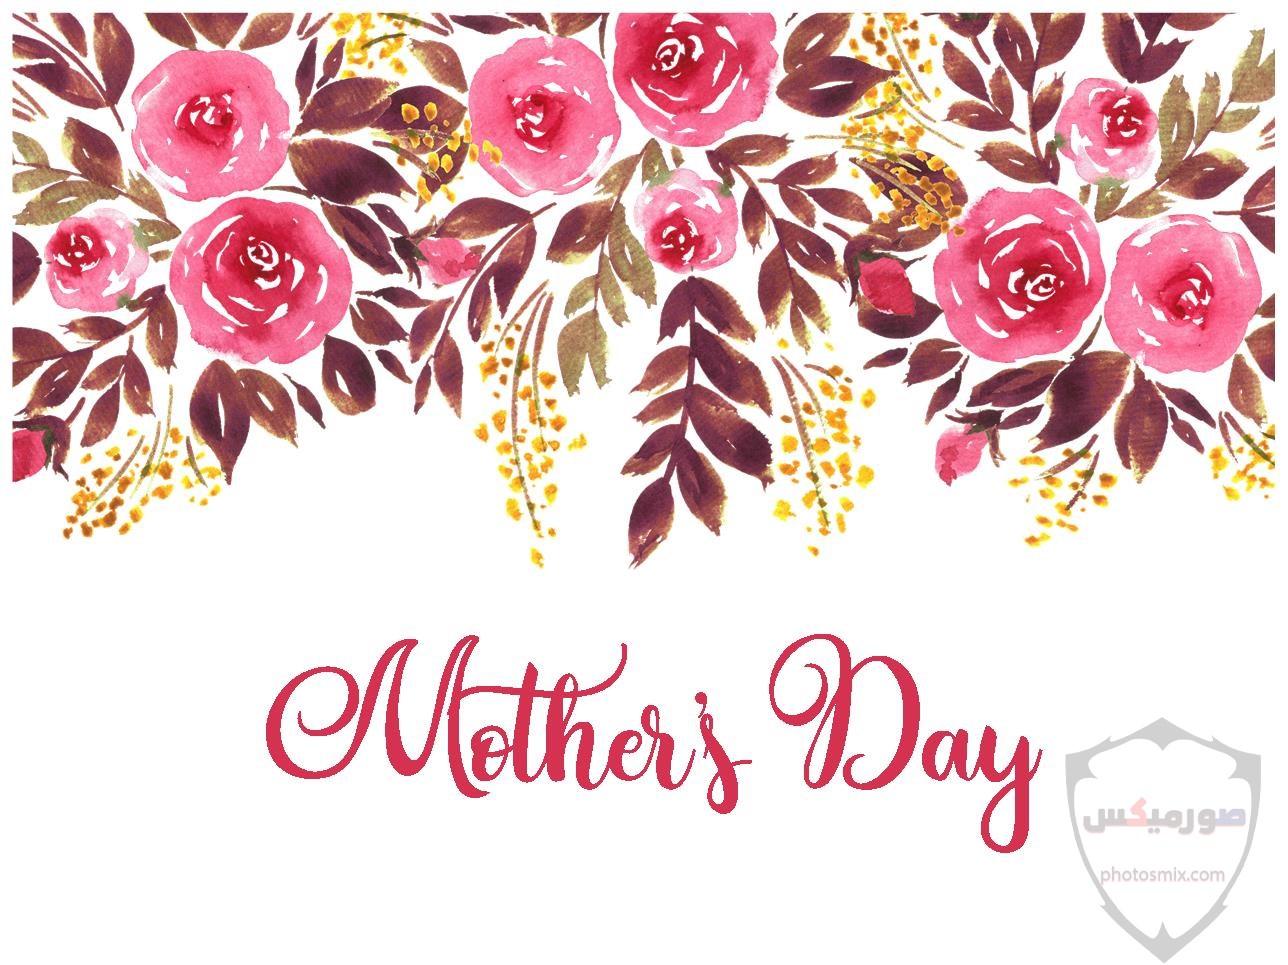 صور عيد الام 2018 رمزيات وخلفيات تهنئة Mothers Day 2